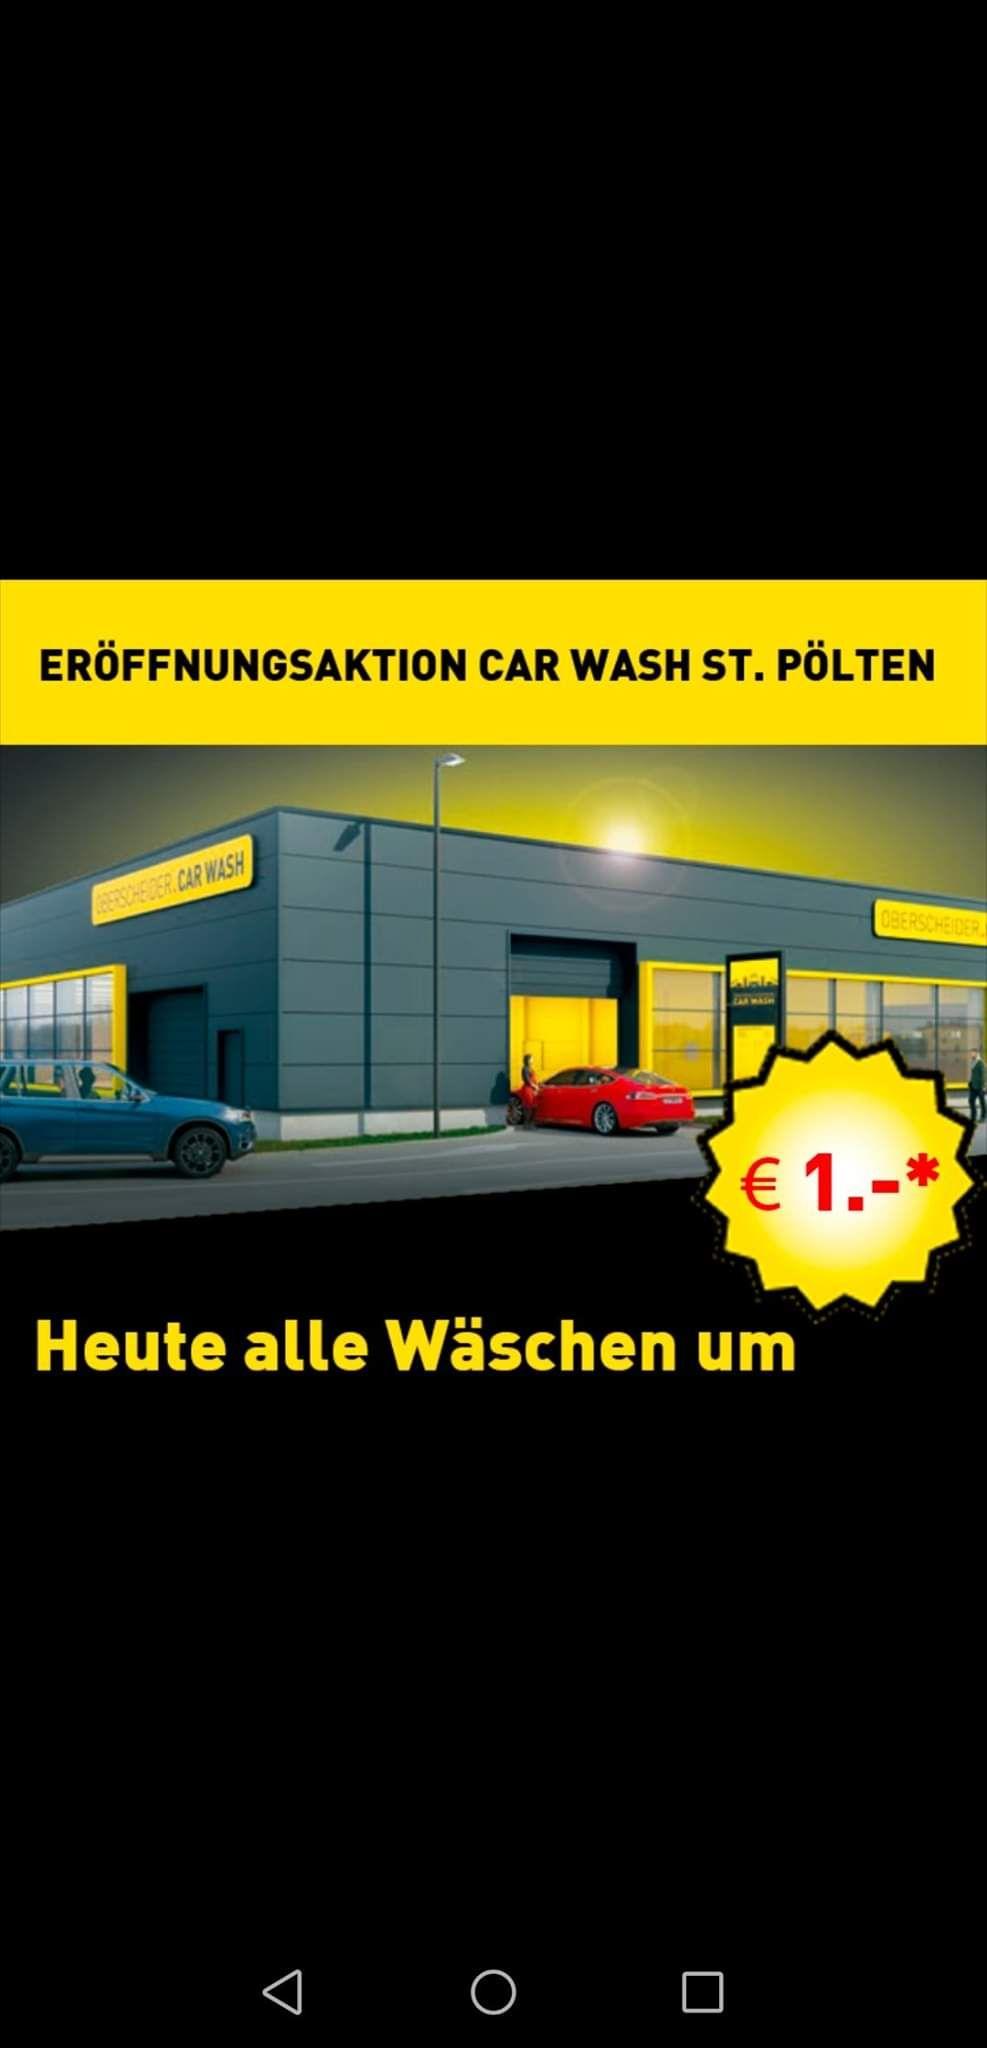 [St. Pölten] Alle Autowäschen um 1 €!!